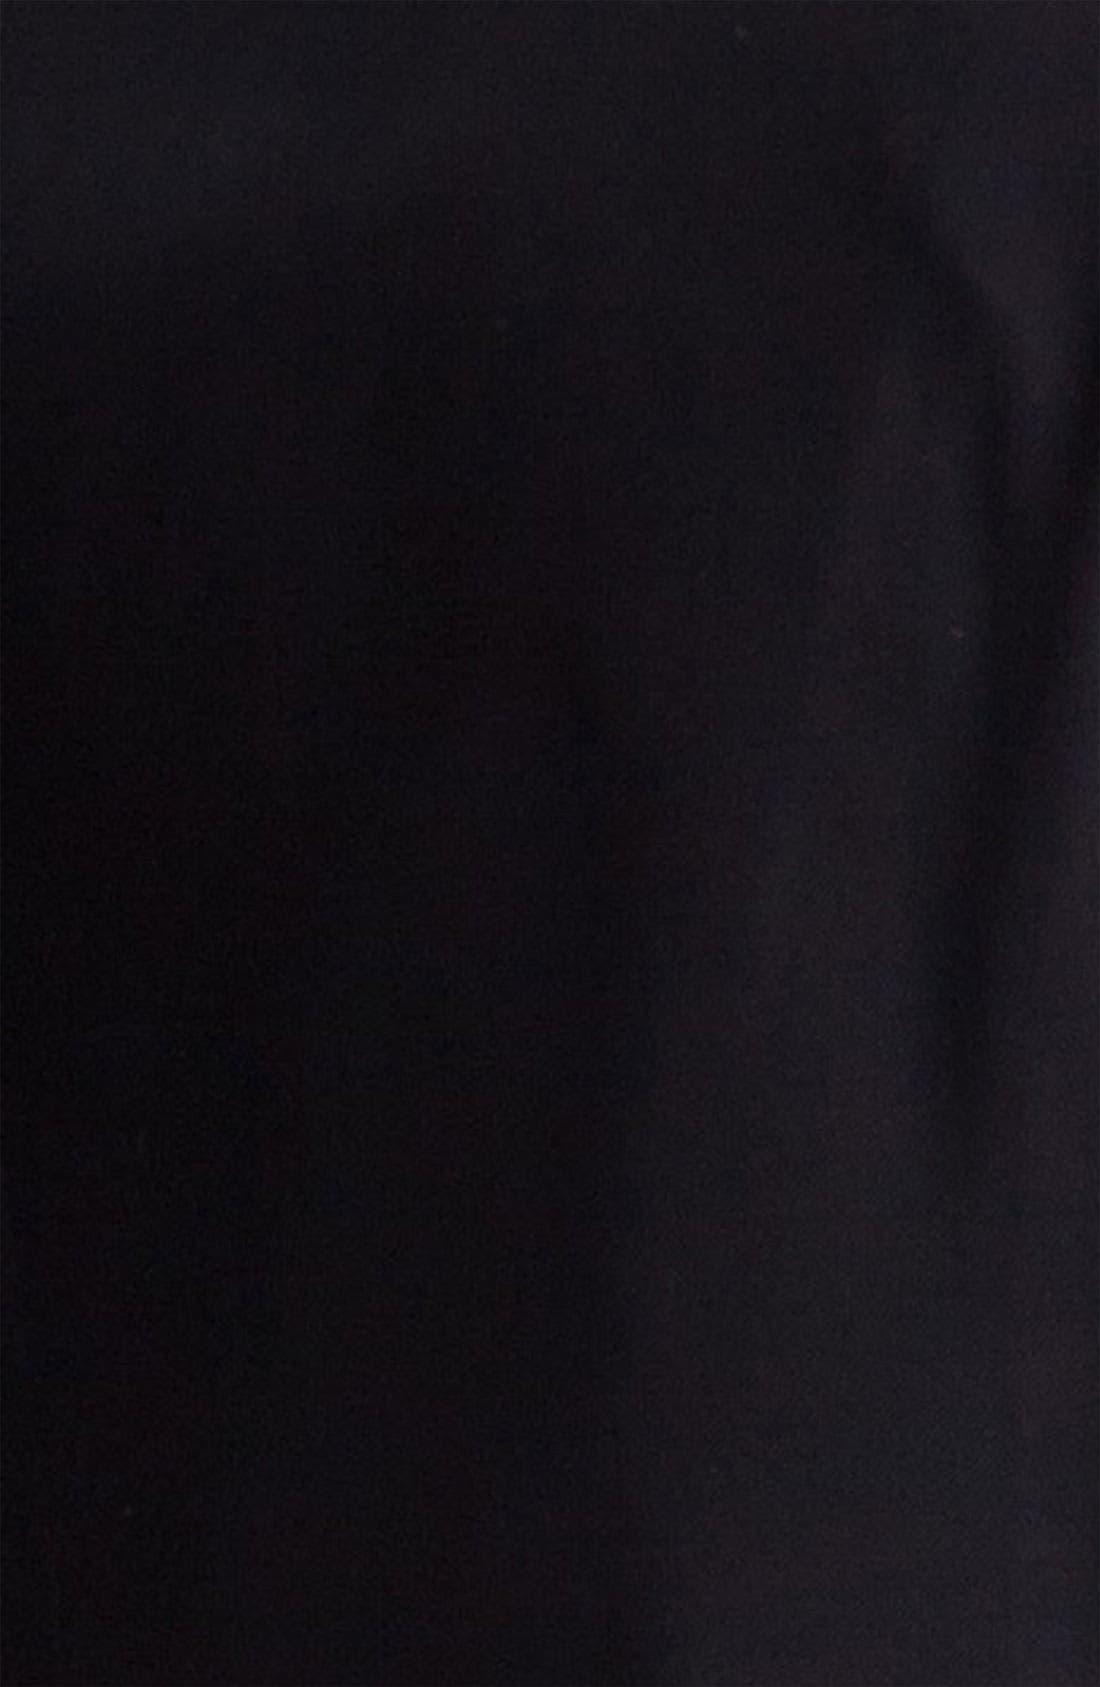 Jones Trim Fit Wool Suit,                             Alternate thumbnail 14, color,                             001